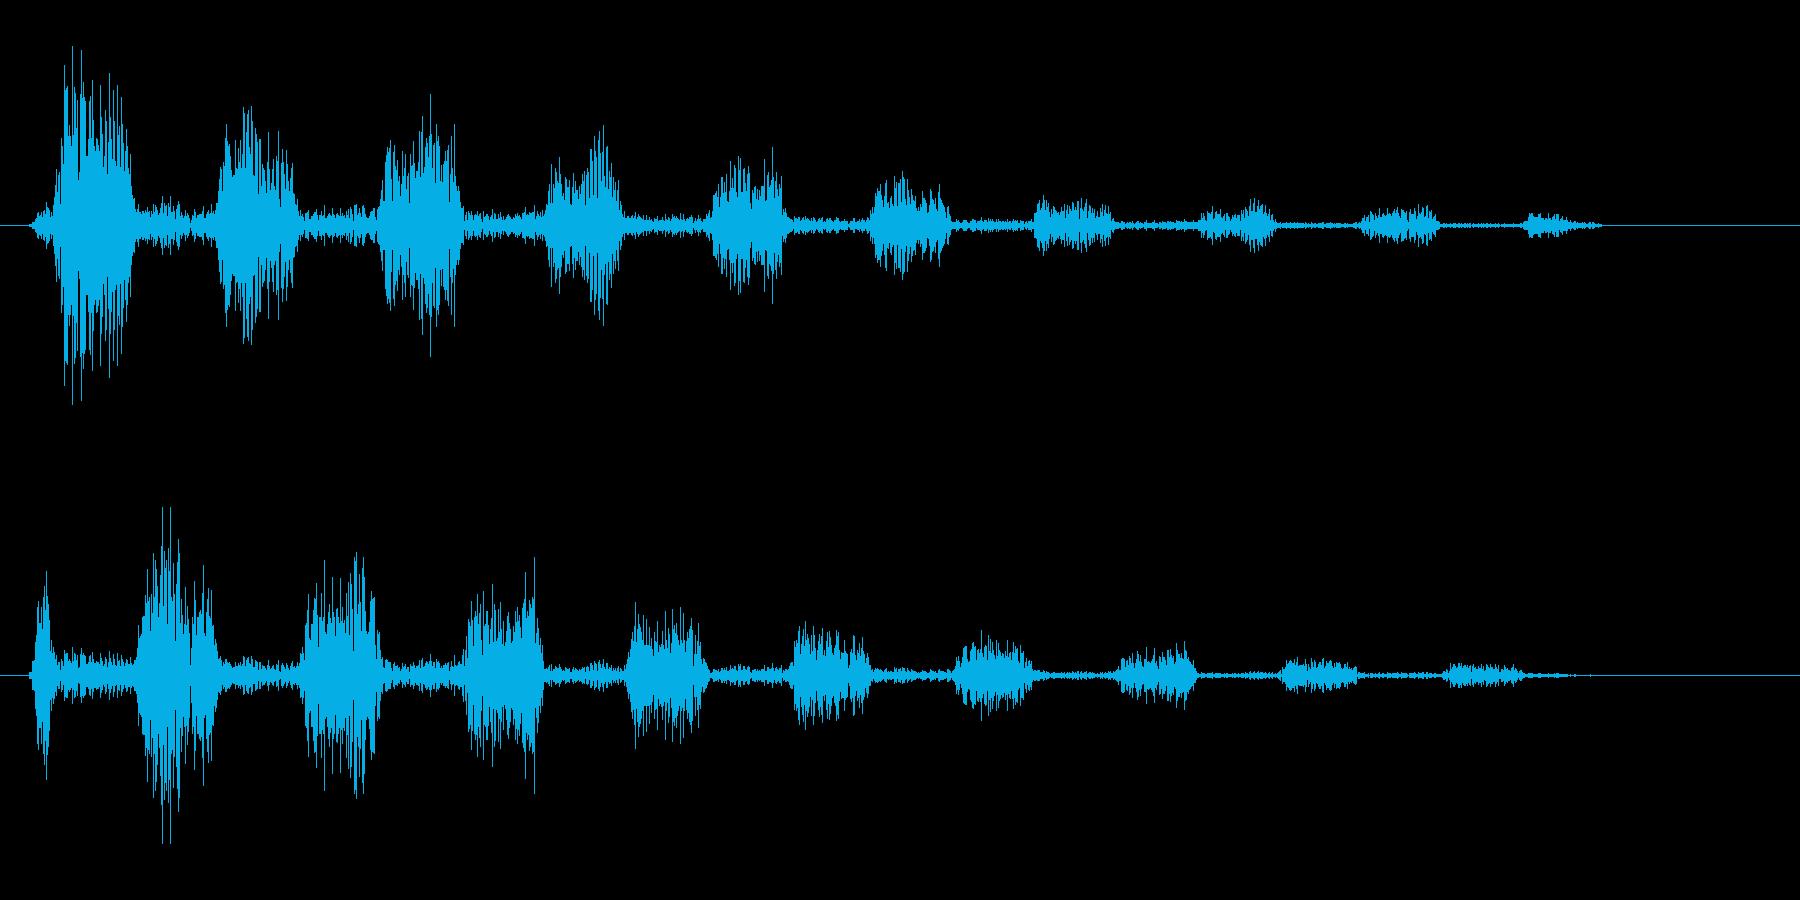 ピロピロリ(クリック音)の再生済みの波形